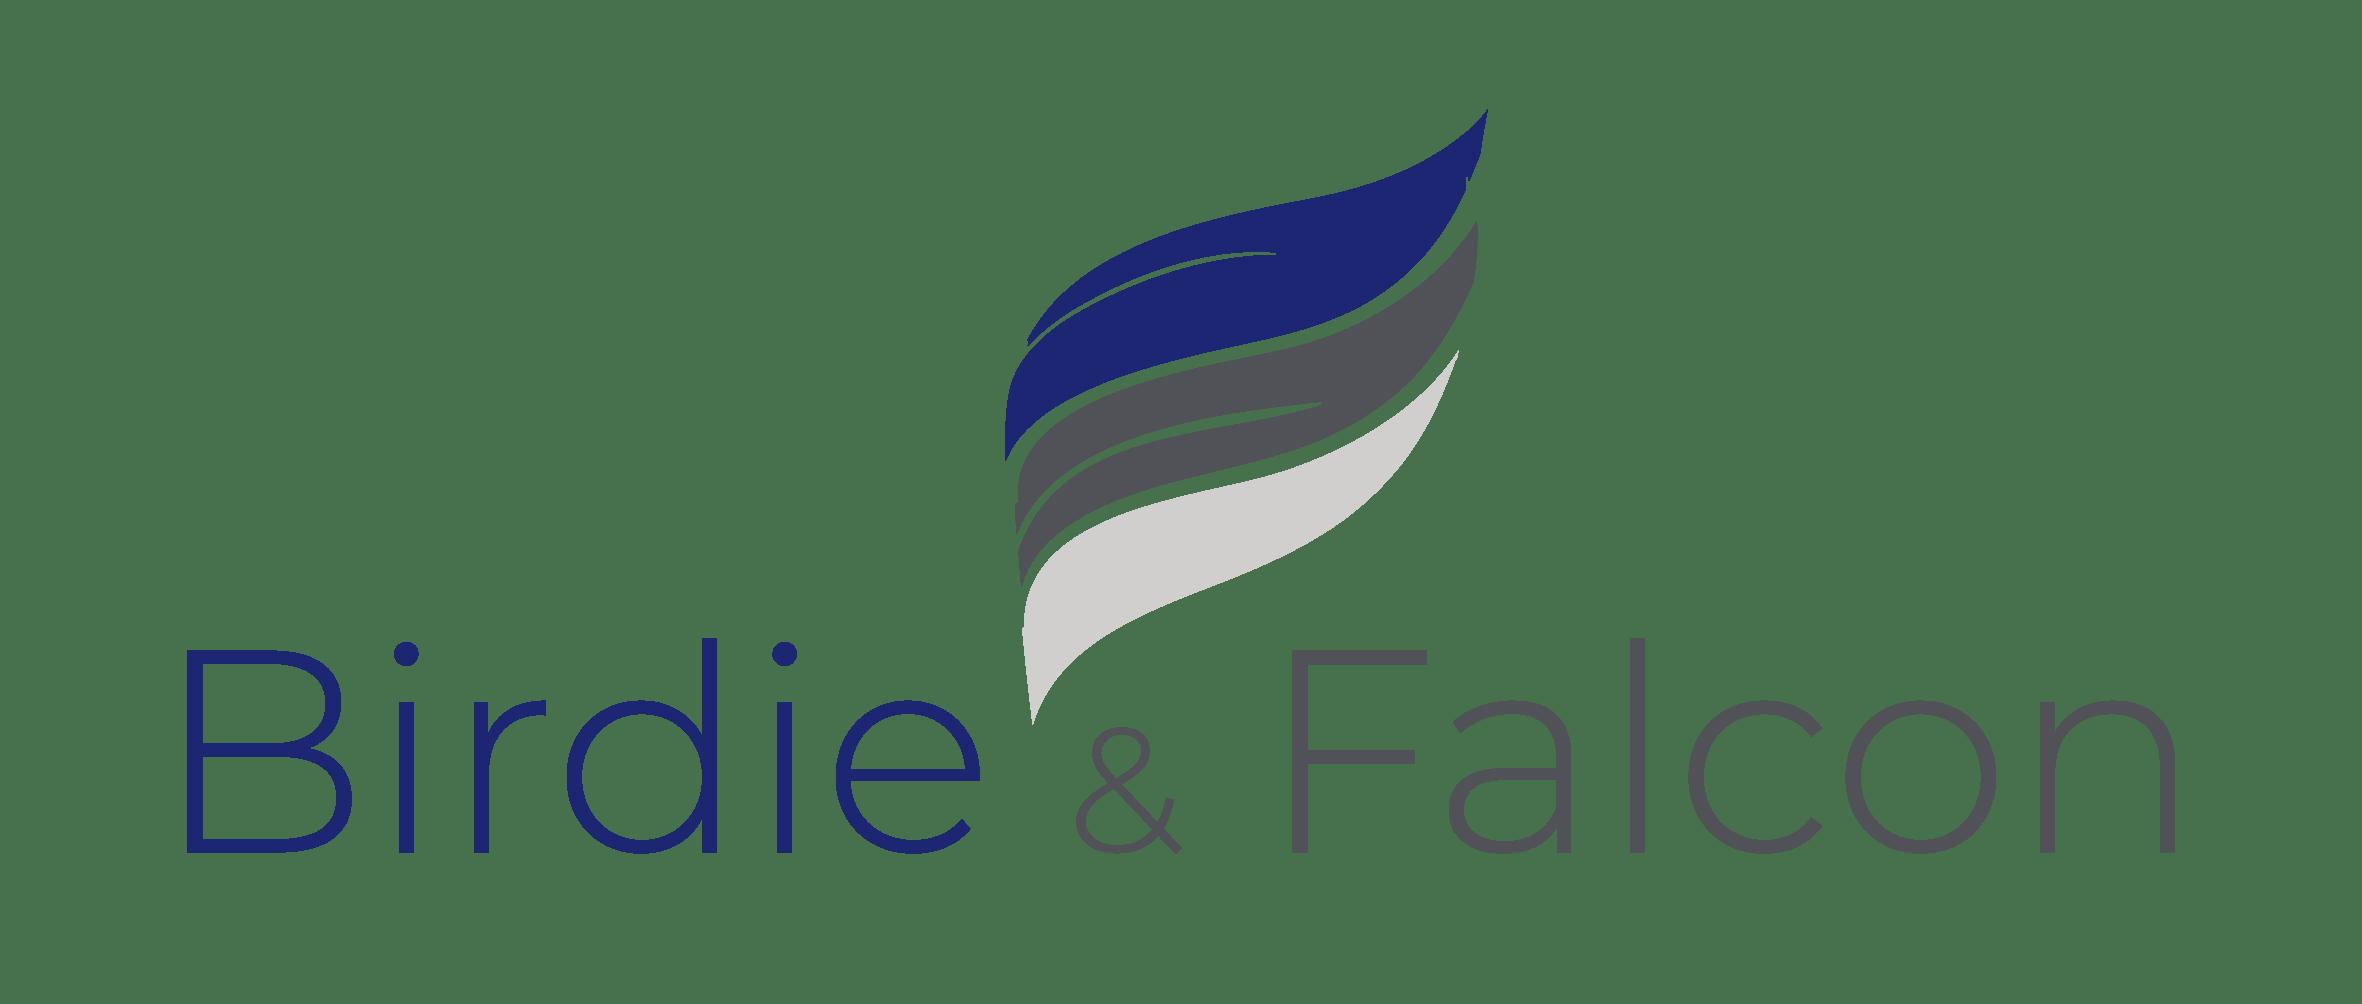 Birdie & Falcon